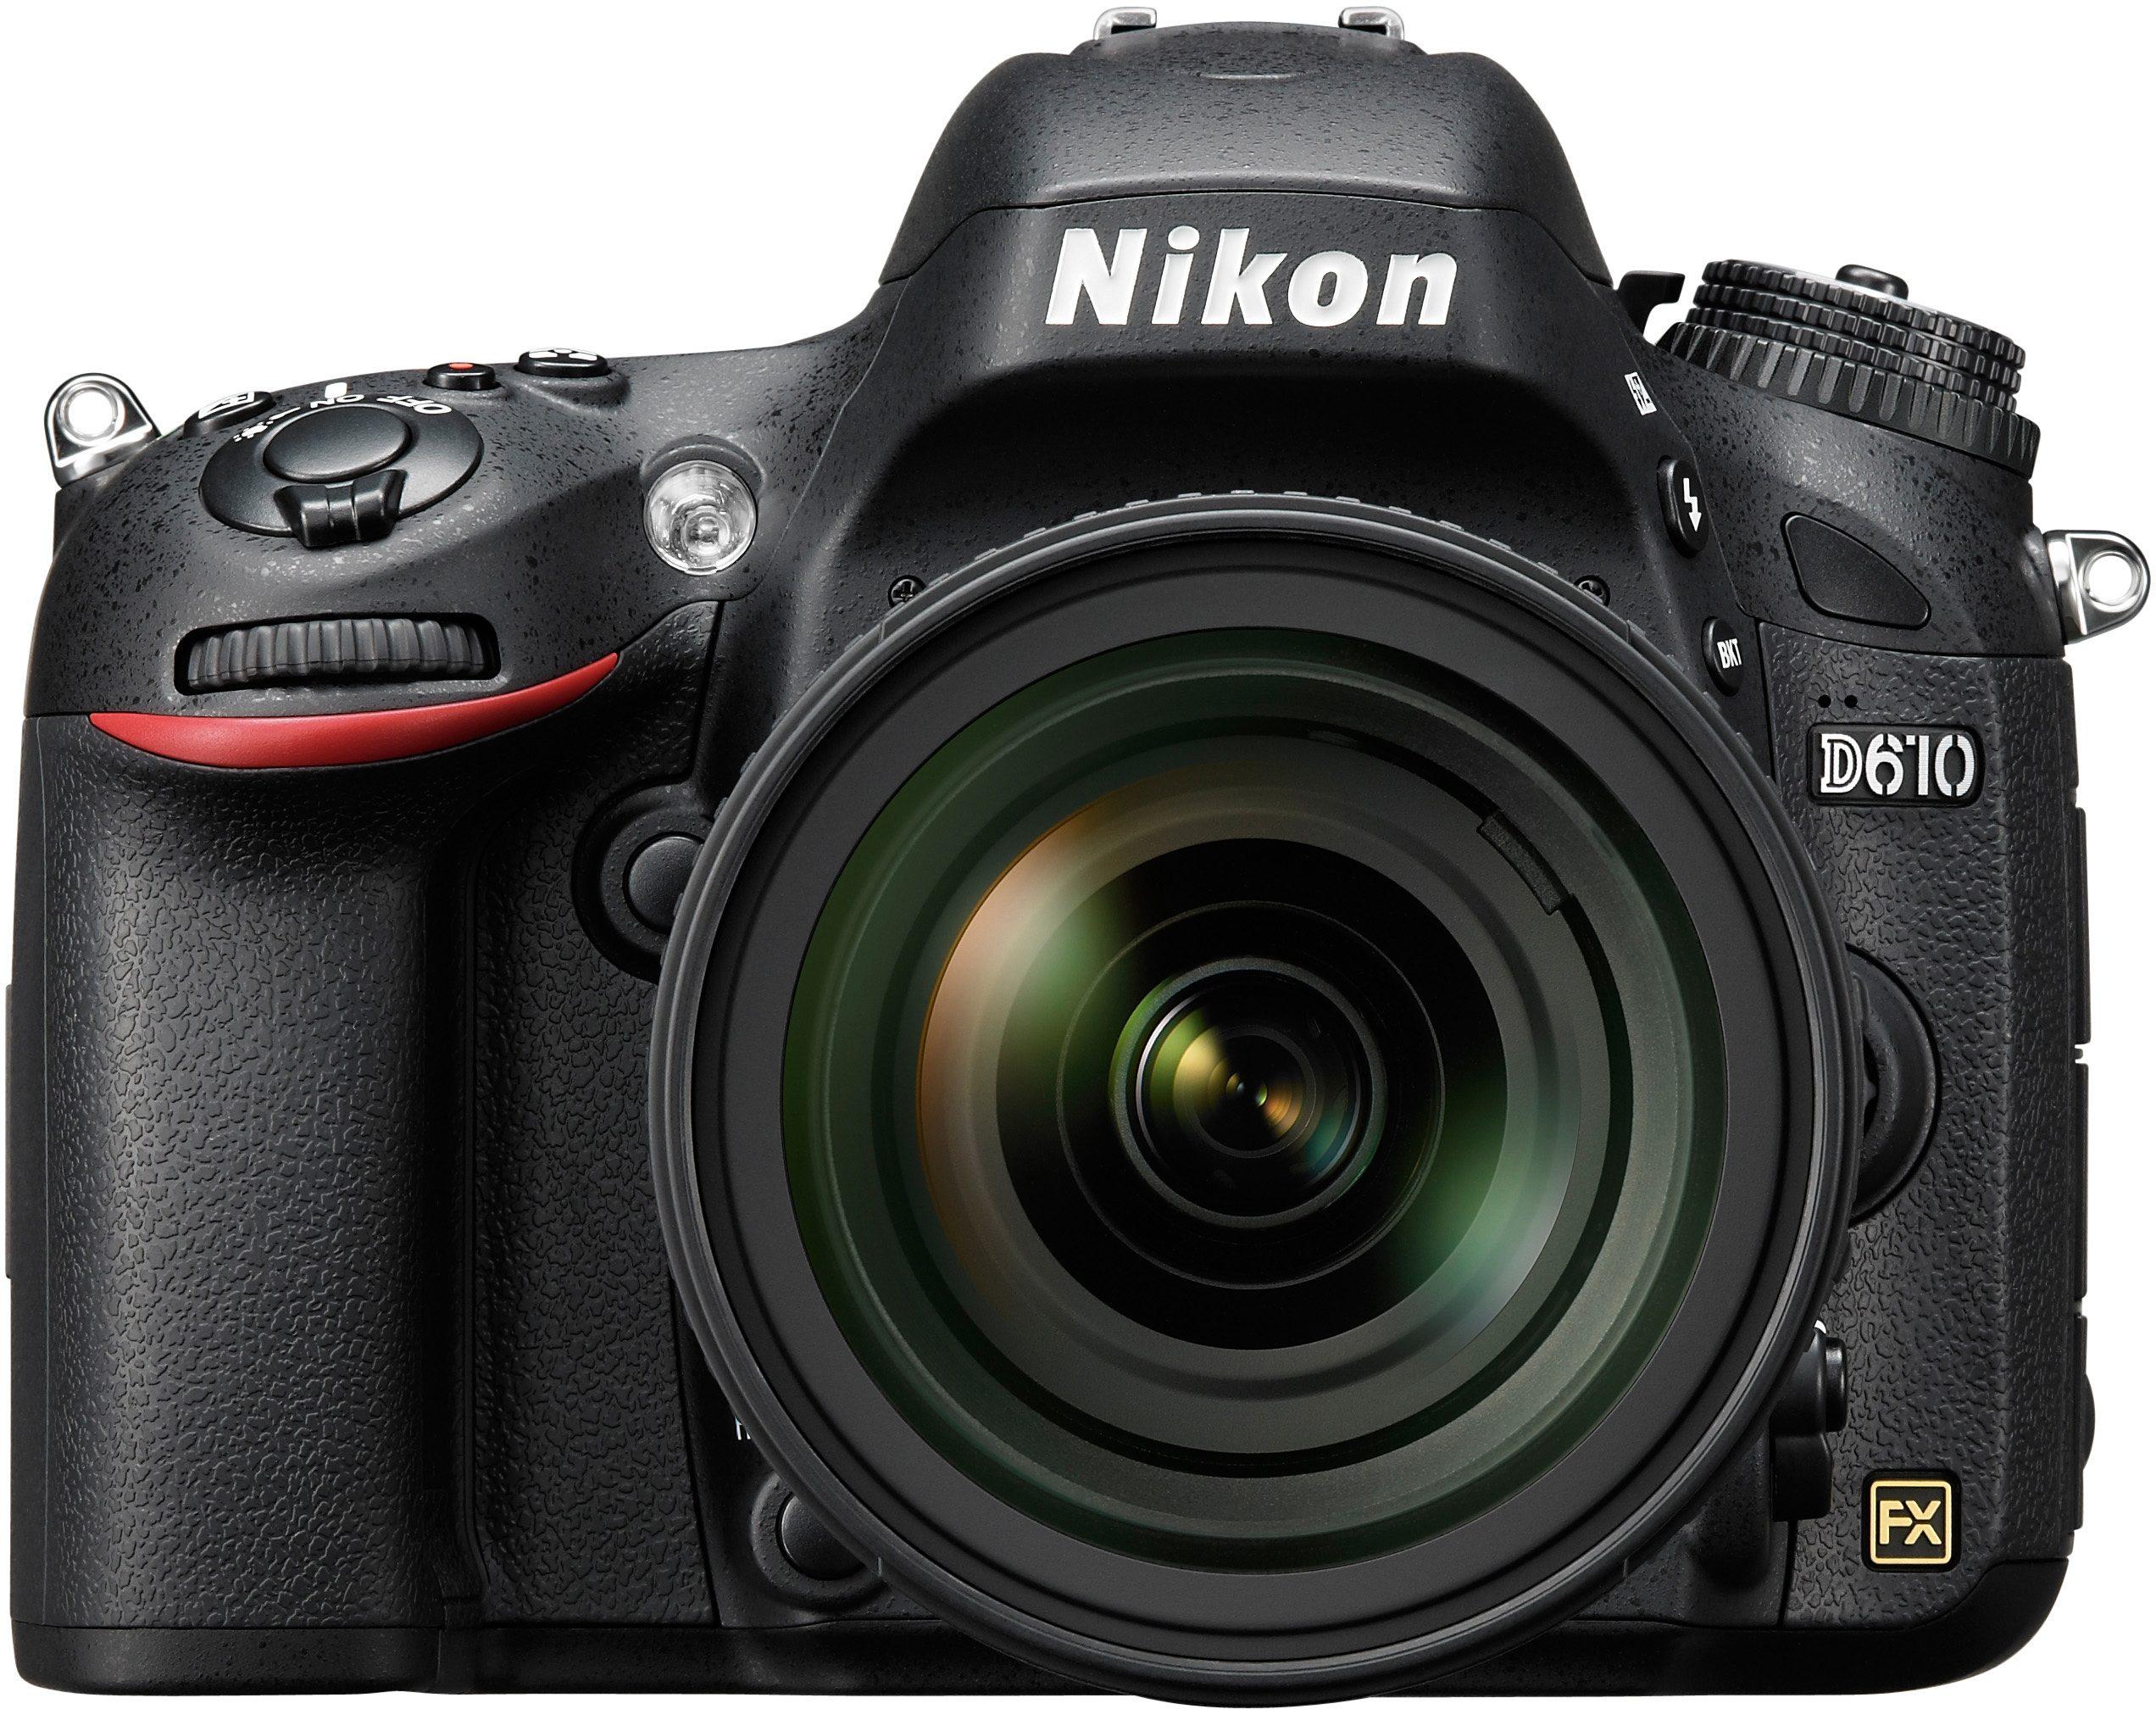 Nikon D610 Spiegelreflex Kamera, AF-S 24-85 VR Zoom, 24,3 Megapixel, 8 cm (3,2 Zoll) Display